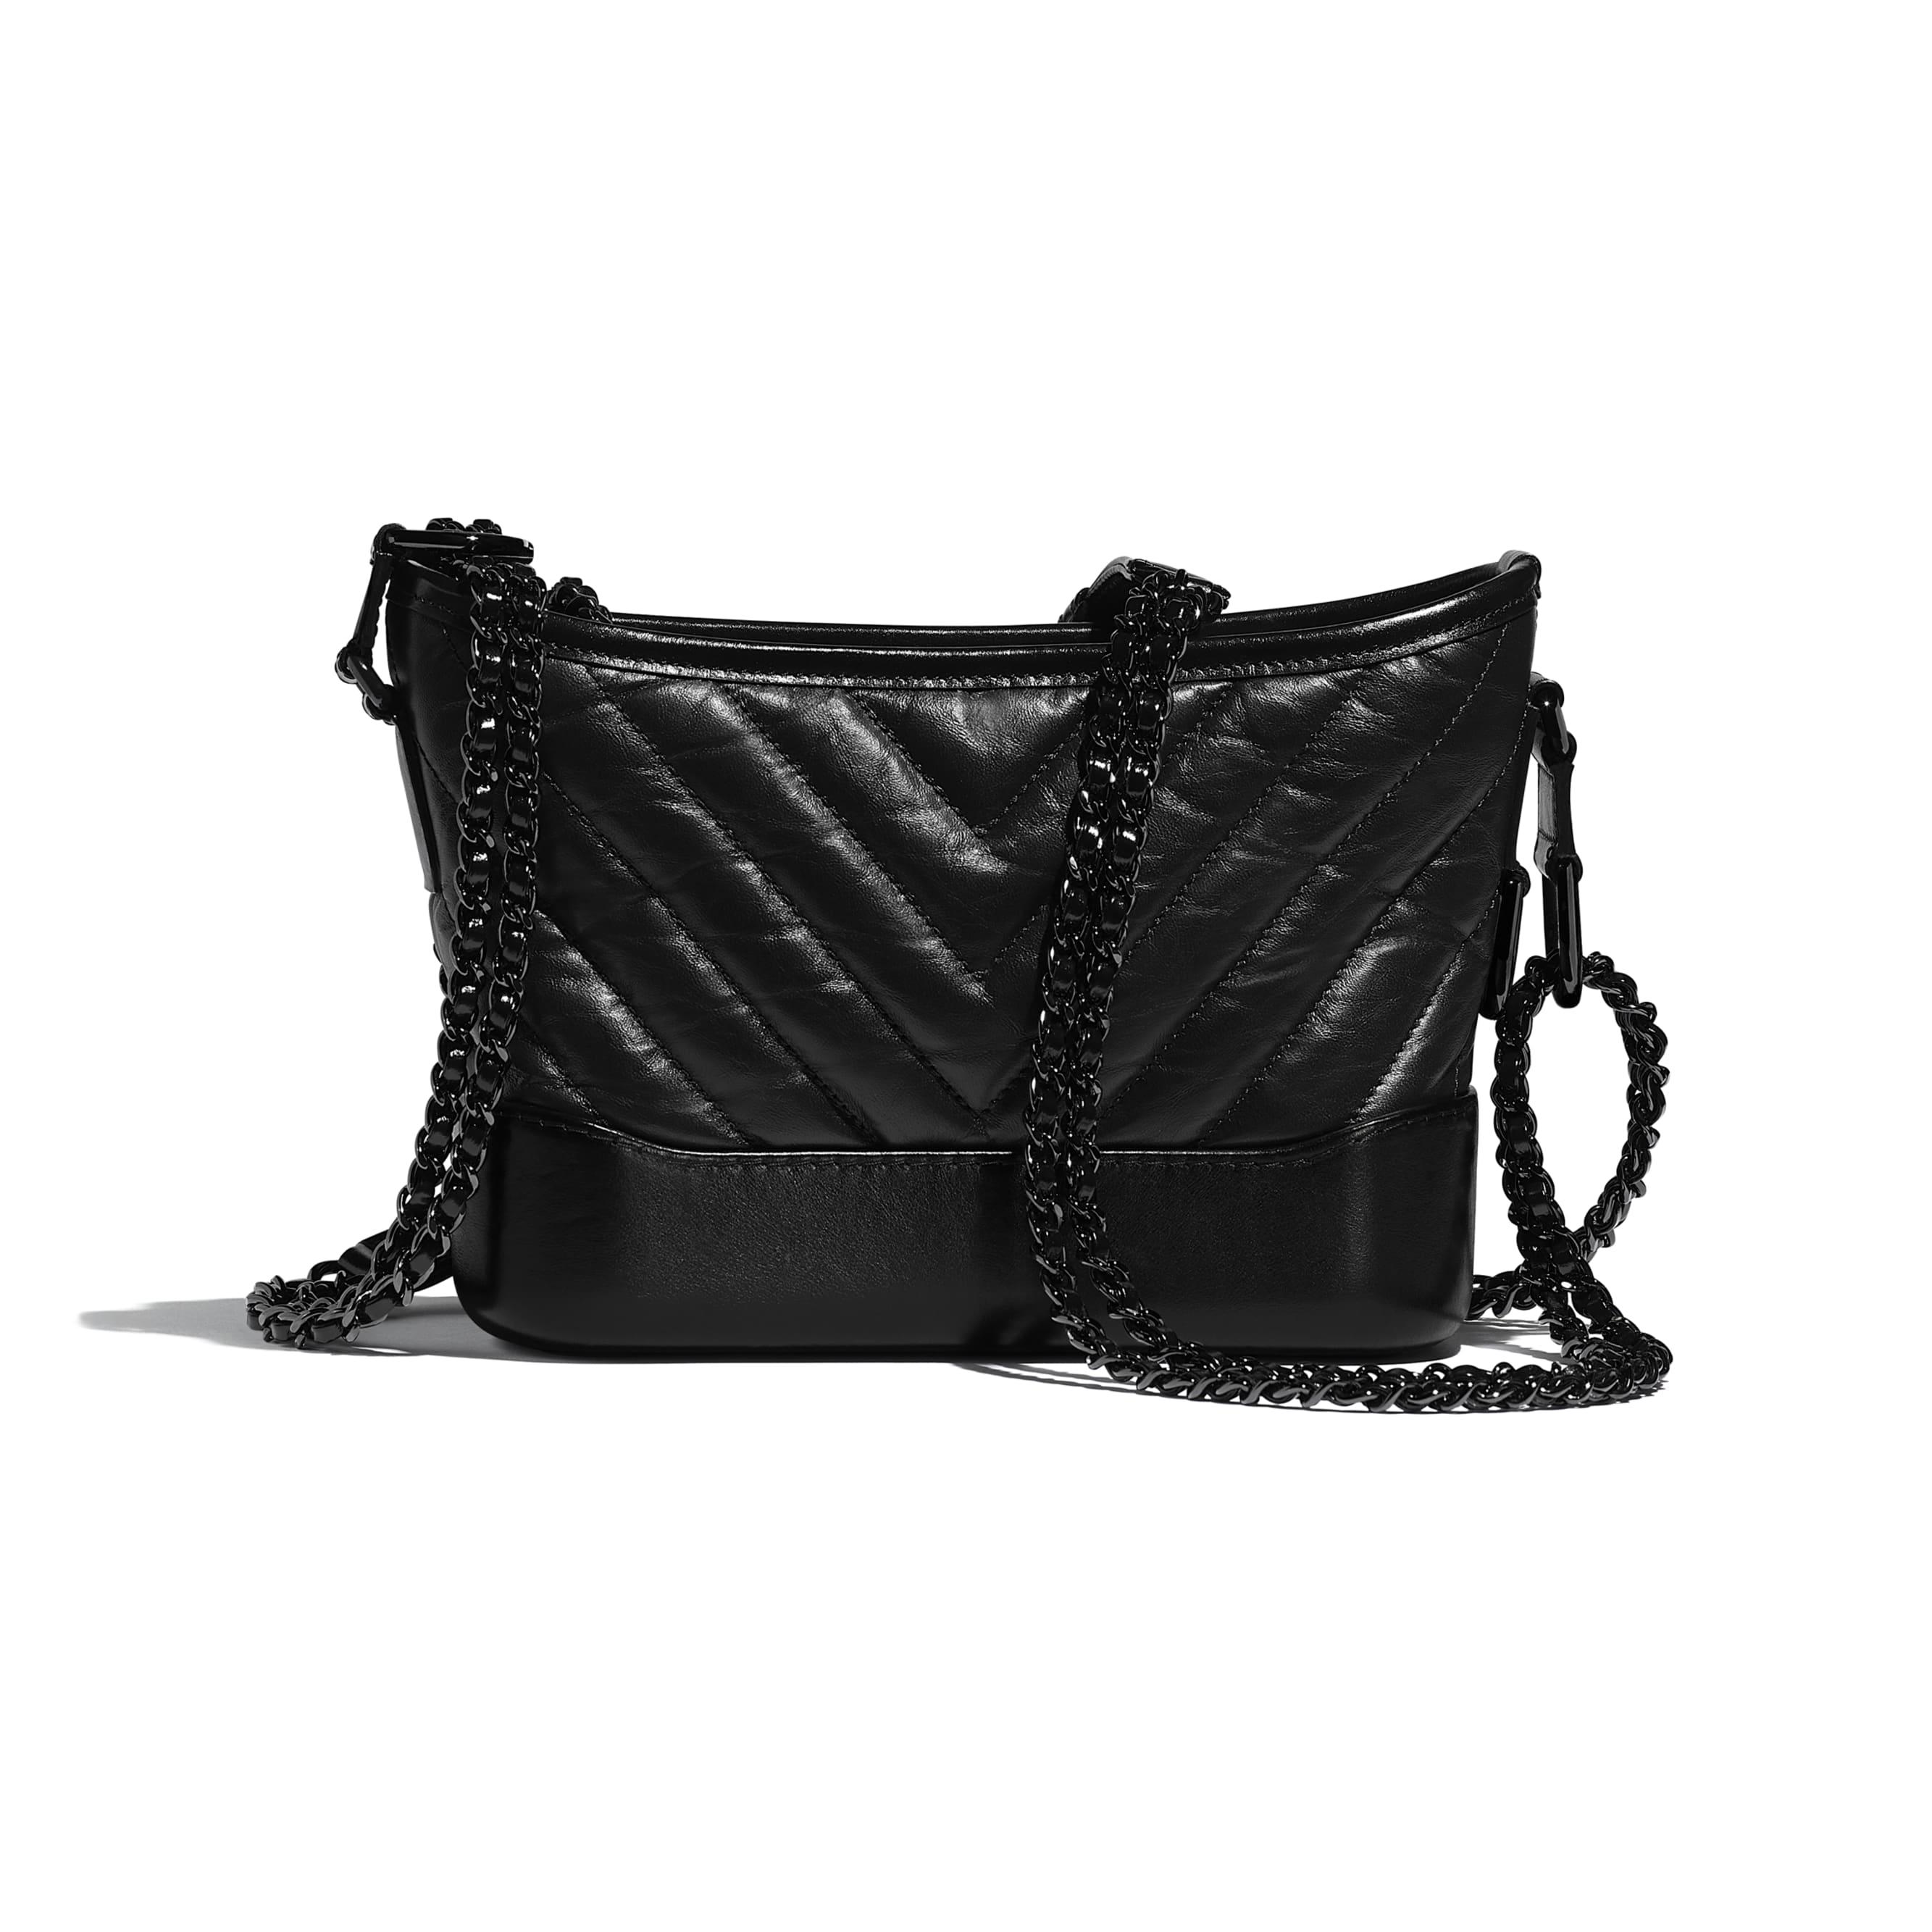 CHANEL'S GABRIELLE сумка hobo маленького размера - Черный - Состаренная кожа теленка, гладкая кожа теленка и черный металл - Альтернативный вид - посмотреть изображение стандартного размера